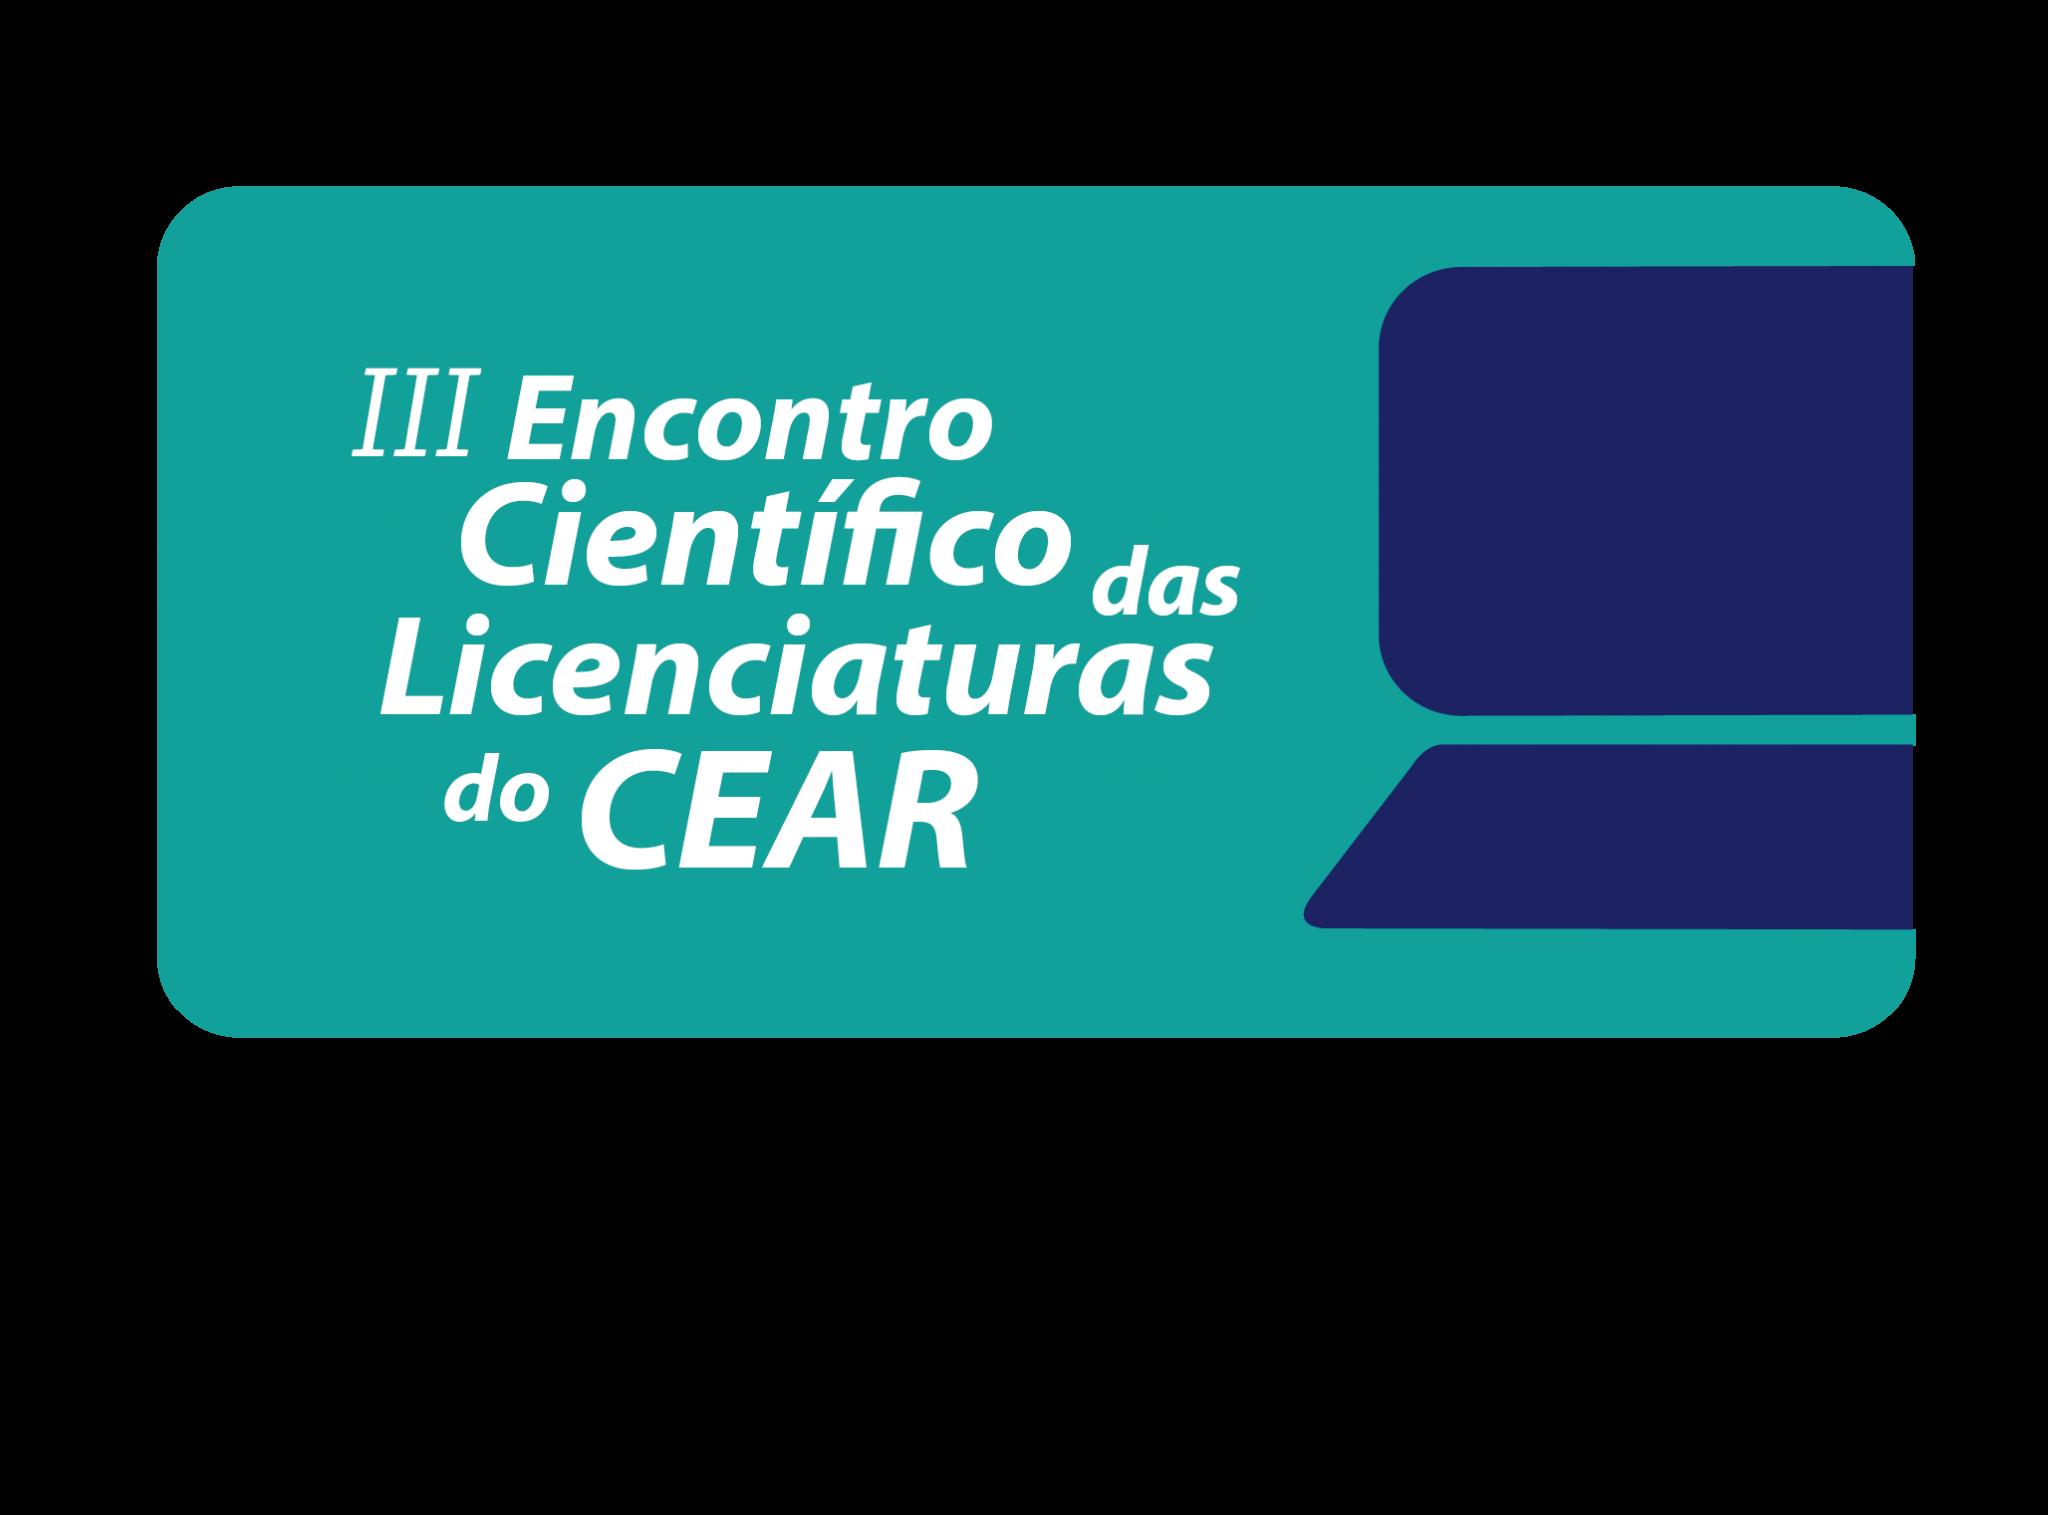 III_Encontro_das_Licenciaturas__Final